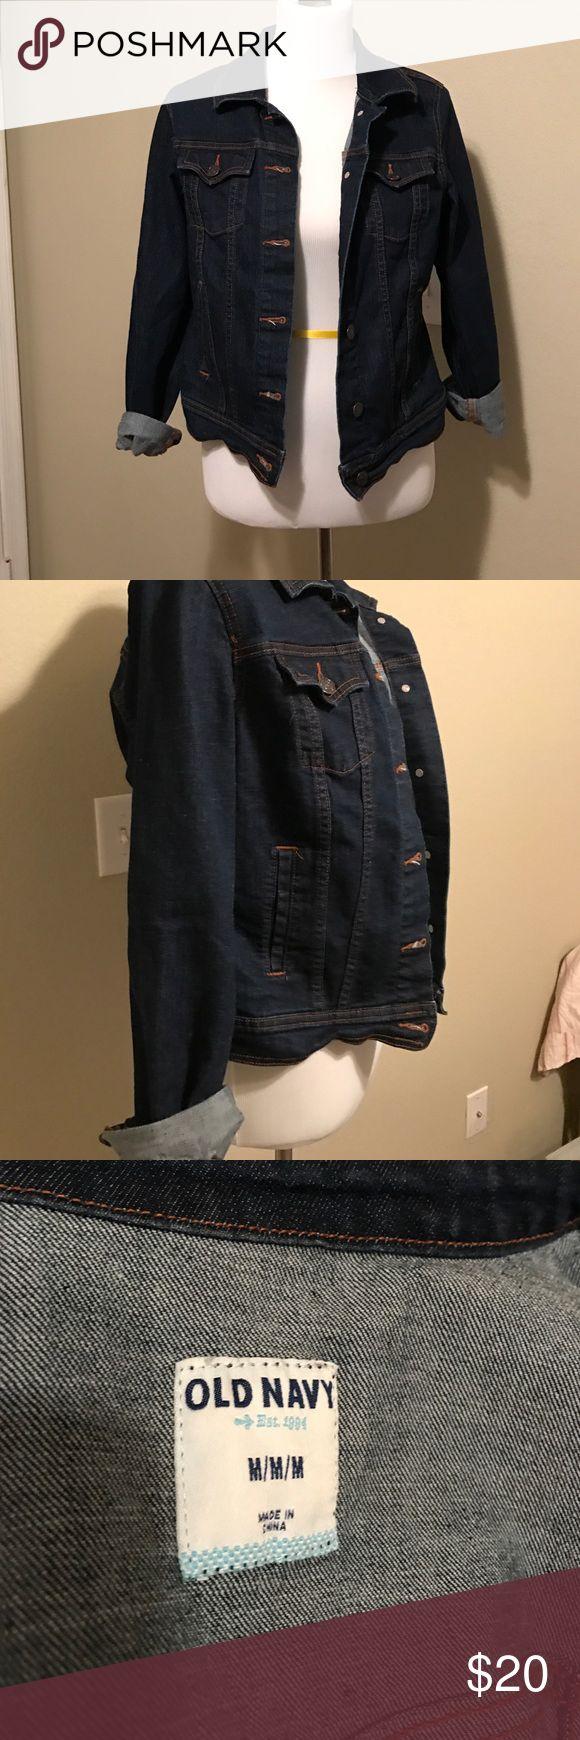 Old Navy Ladies Denim Jacket Old Navy Ladies Denim Jacket EUC Old Navy Jackets & Coats Jean Jackets